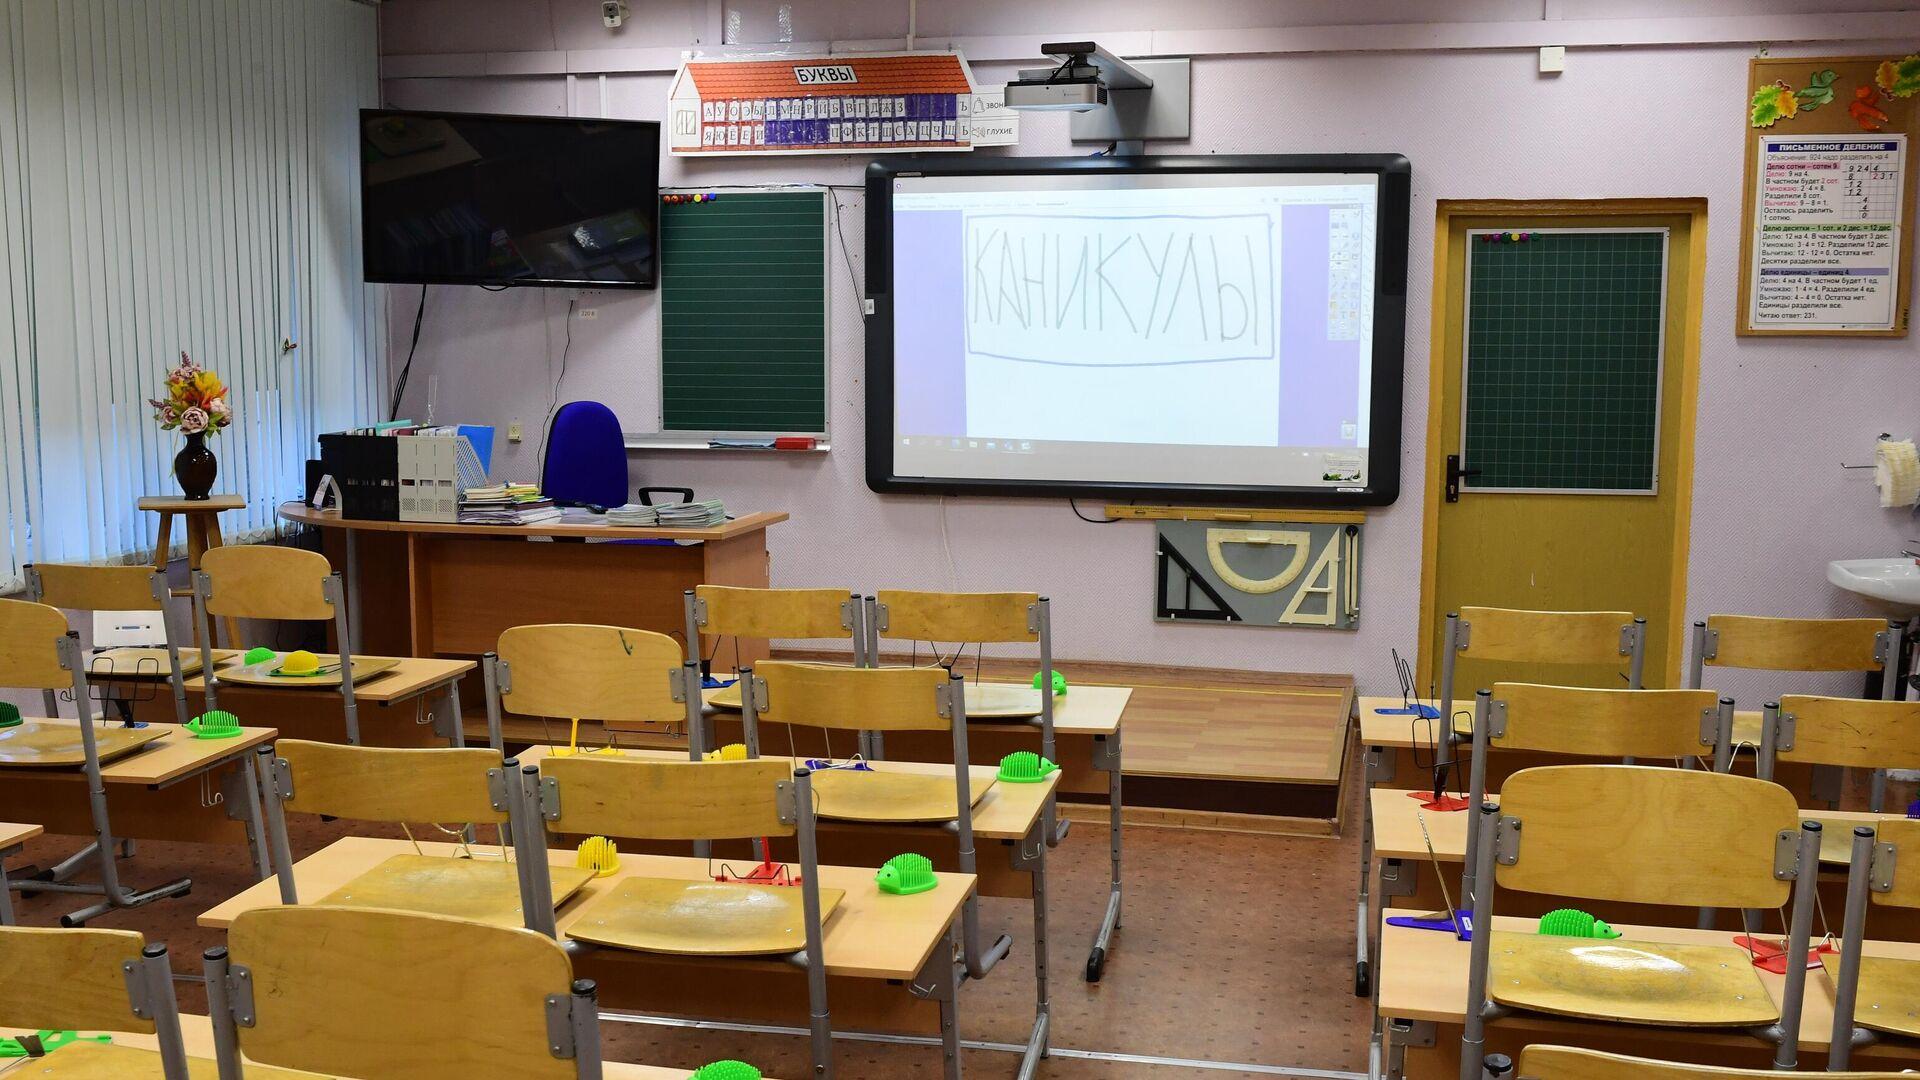 Надпись Каникулы на мониторе в учебном классе в школе - РИА Новости, 1920, 20.02.2021